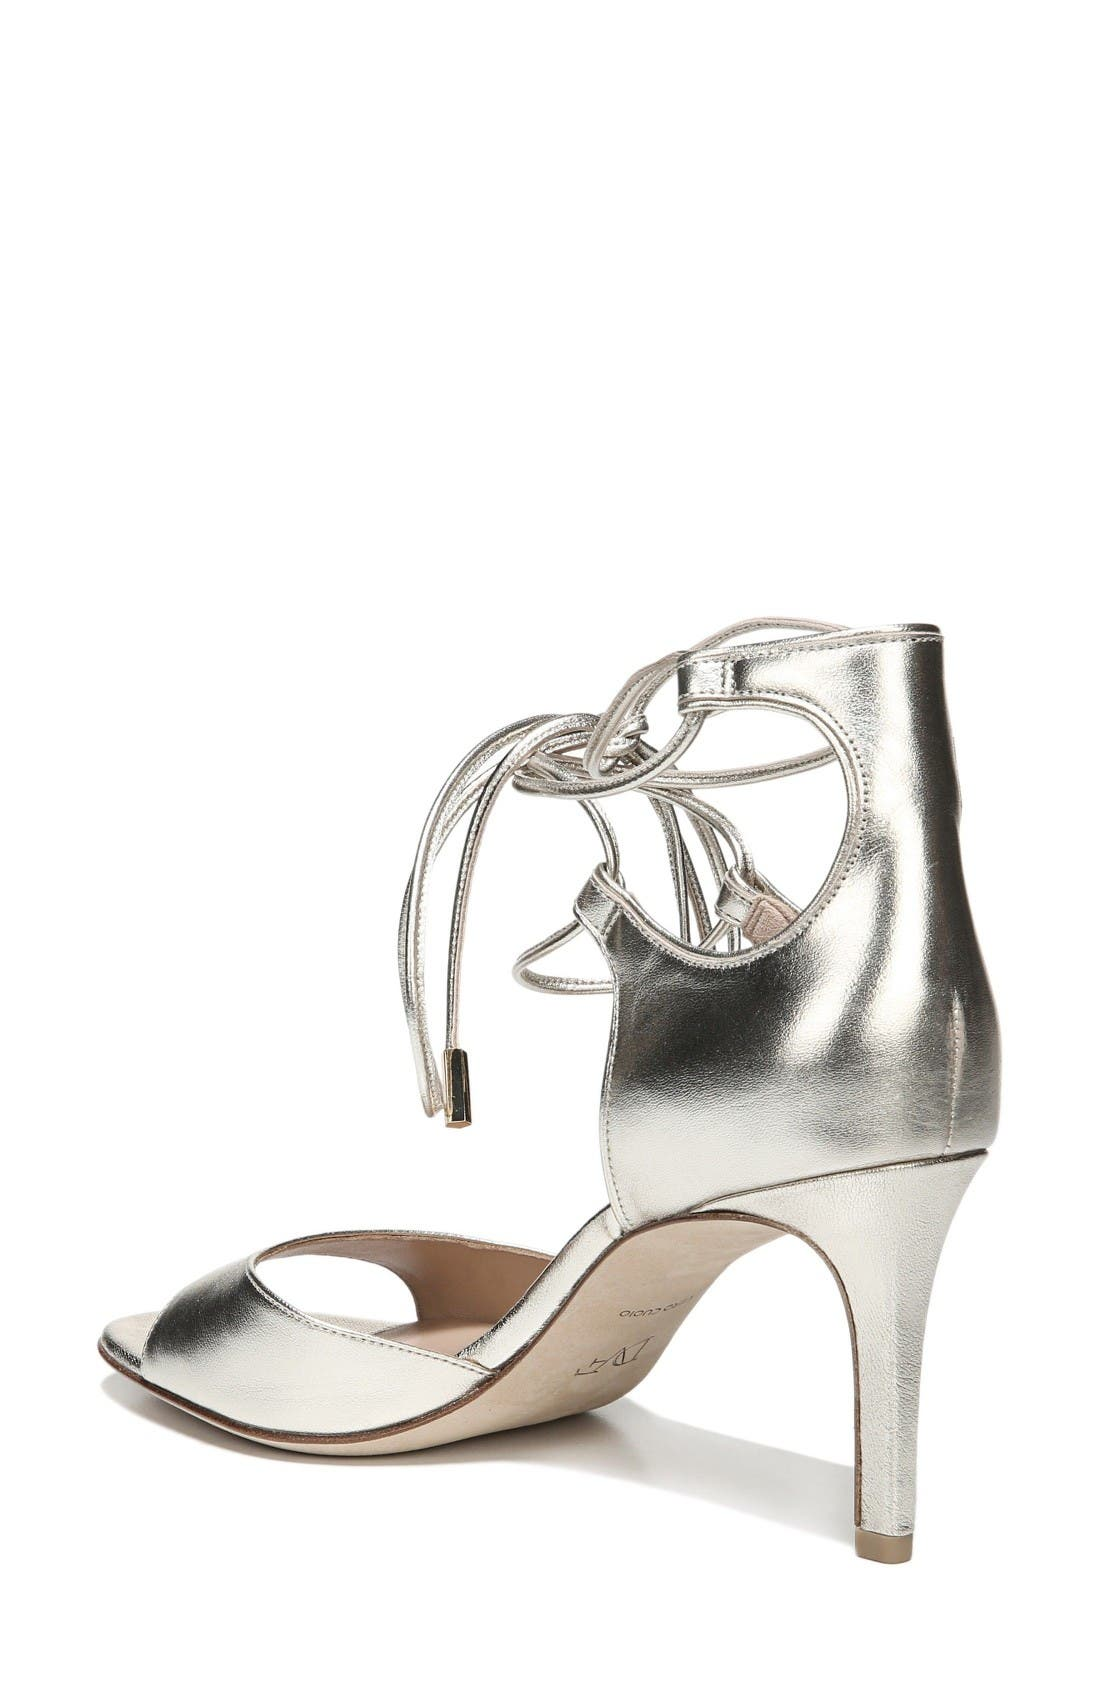 'Rimini' Ankle Wrap Sandal,                             Alternate thumbnail 2, color,                             Platino